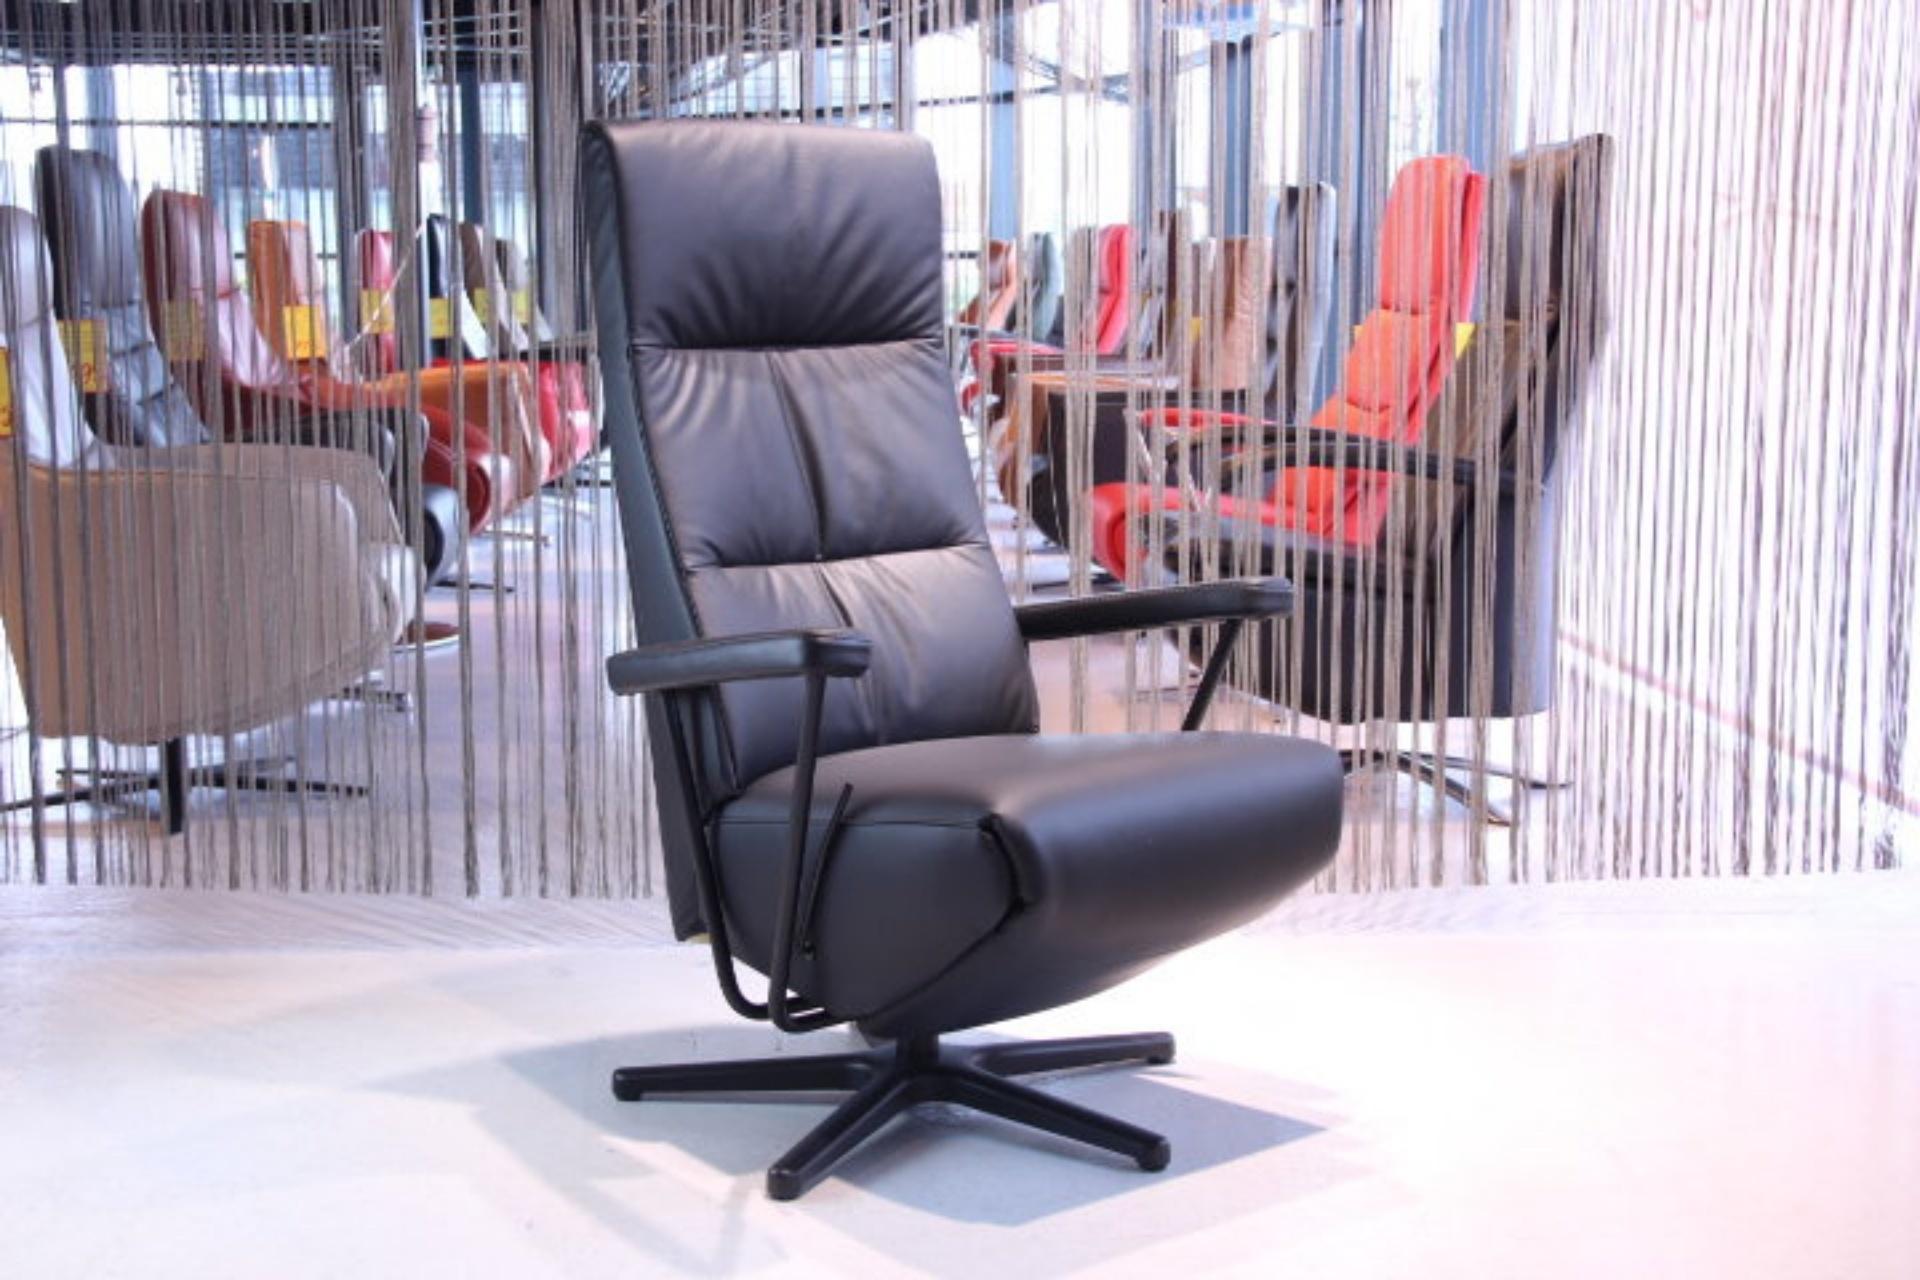 img-1130-1.jpg Relaxfauteuil-Relaxstoel-Next-307-NX-De Toekomst-Rundleder-Woonwinkel-IJsselstein-Utrecht-Design-Outlet-Direct-Leverbaar-Opruiming-Korting-Nabestellen